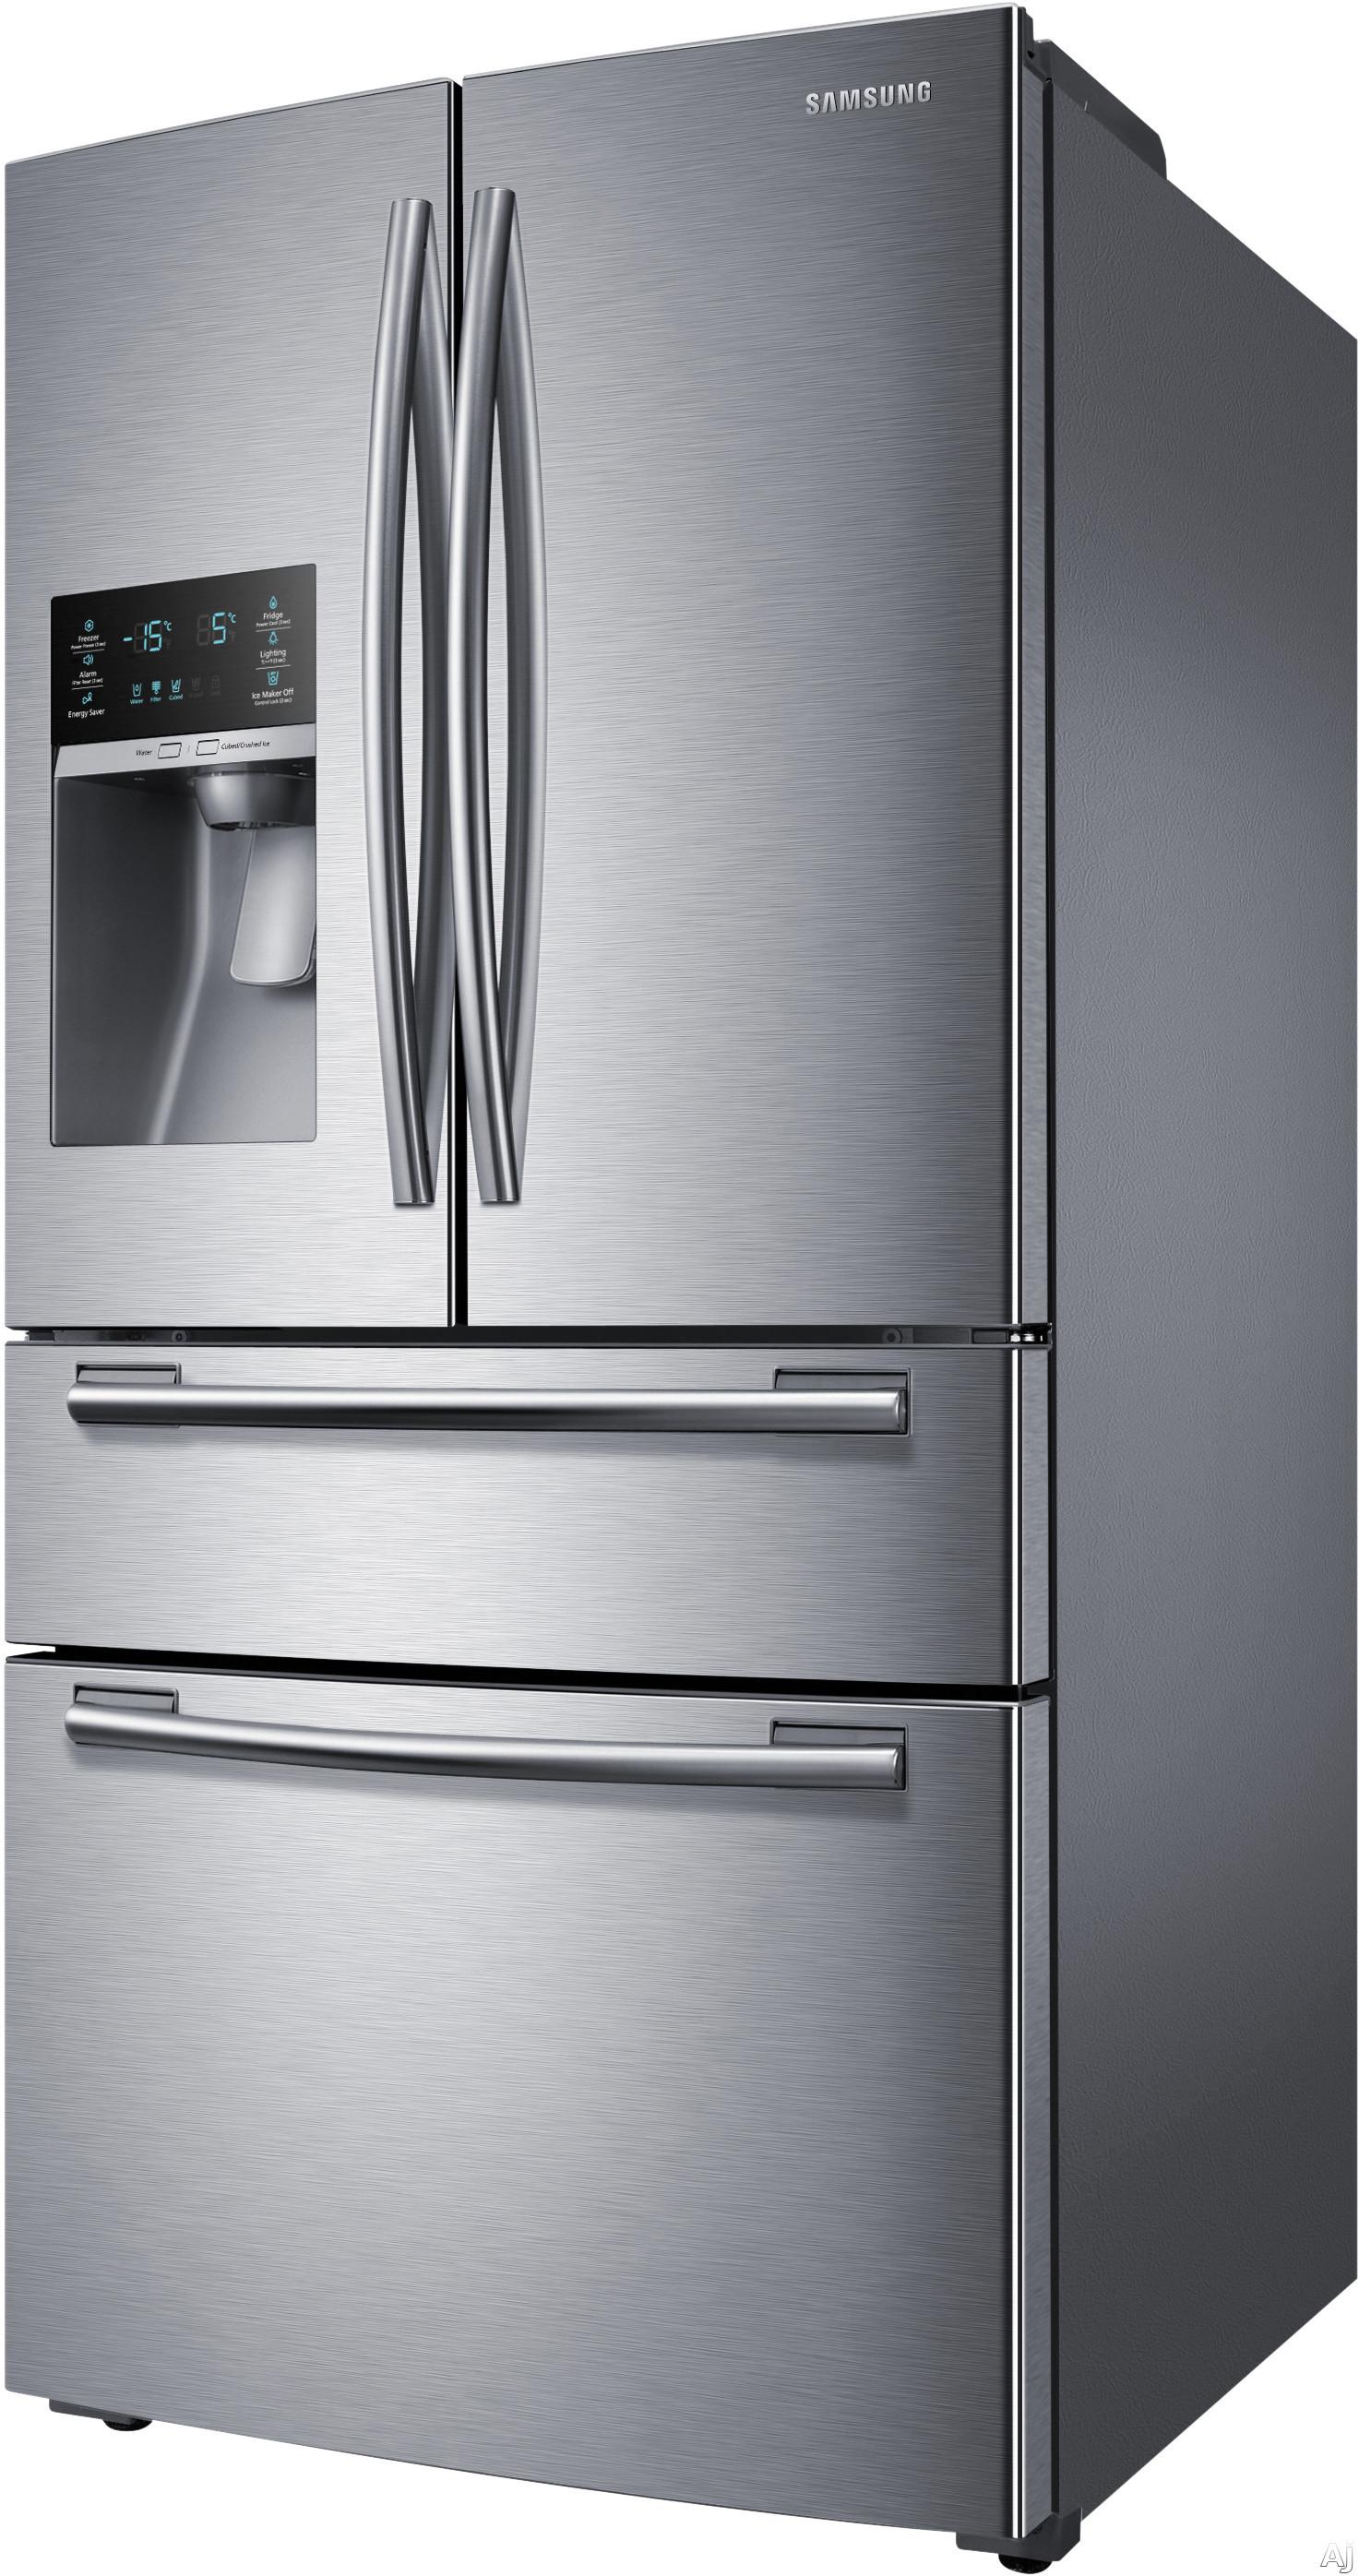 samsung rf25hmedbsr 24 7 cu ft french door refrigerator. Black Bedroom Furniture Sets. Home Design Ideas